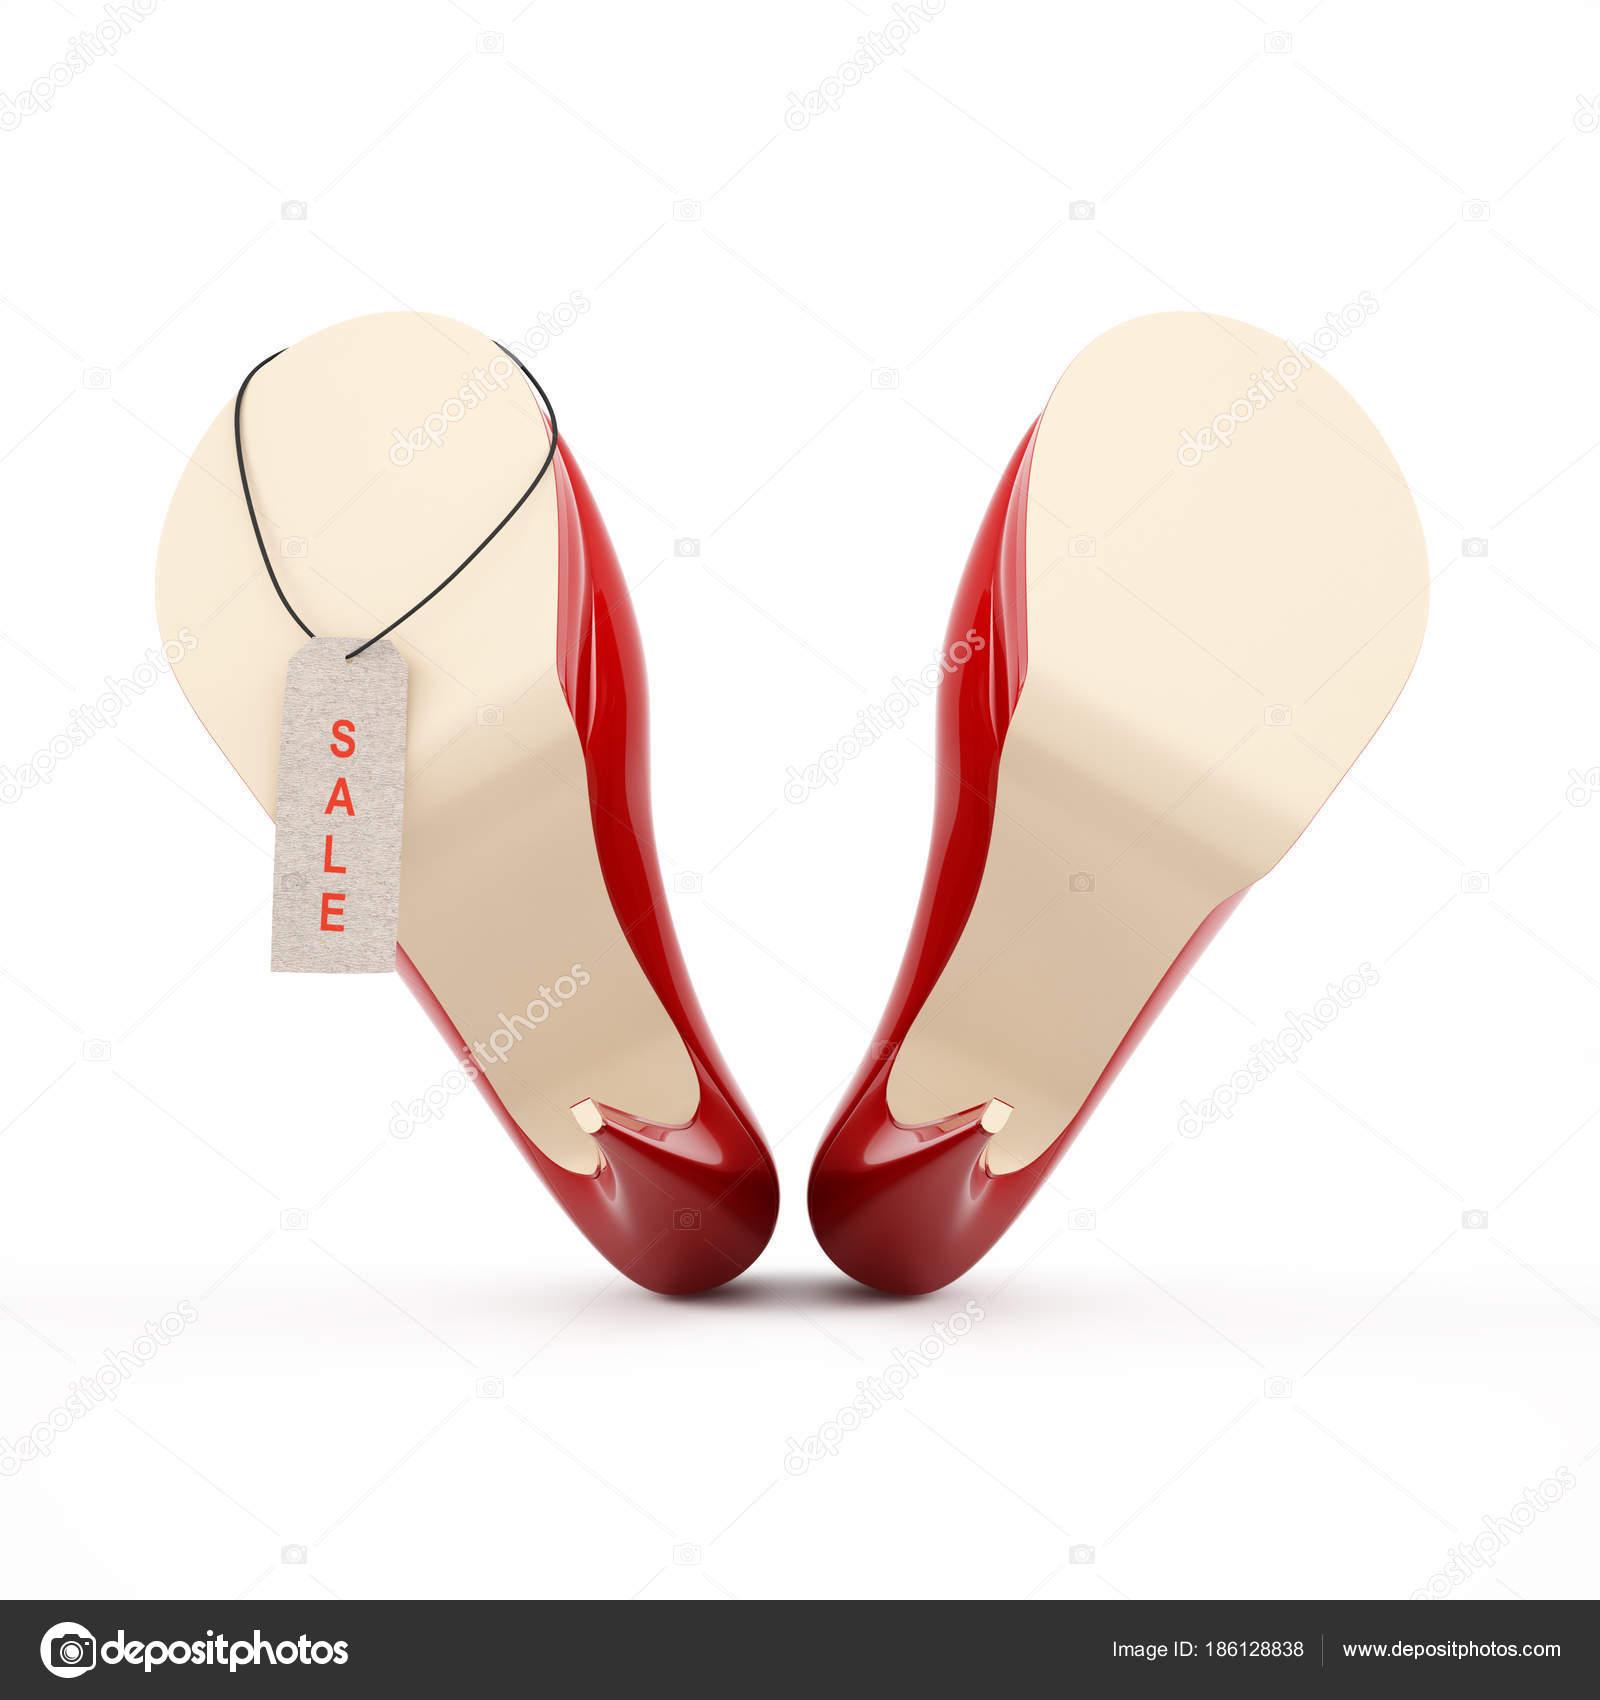 efedbf4ed55f7f Жіноча червоні туфлі на високих підборах зображення високої якості  3d-рендерінг. Червоний продаж тег– стокове зображення